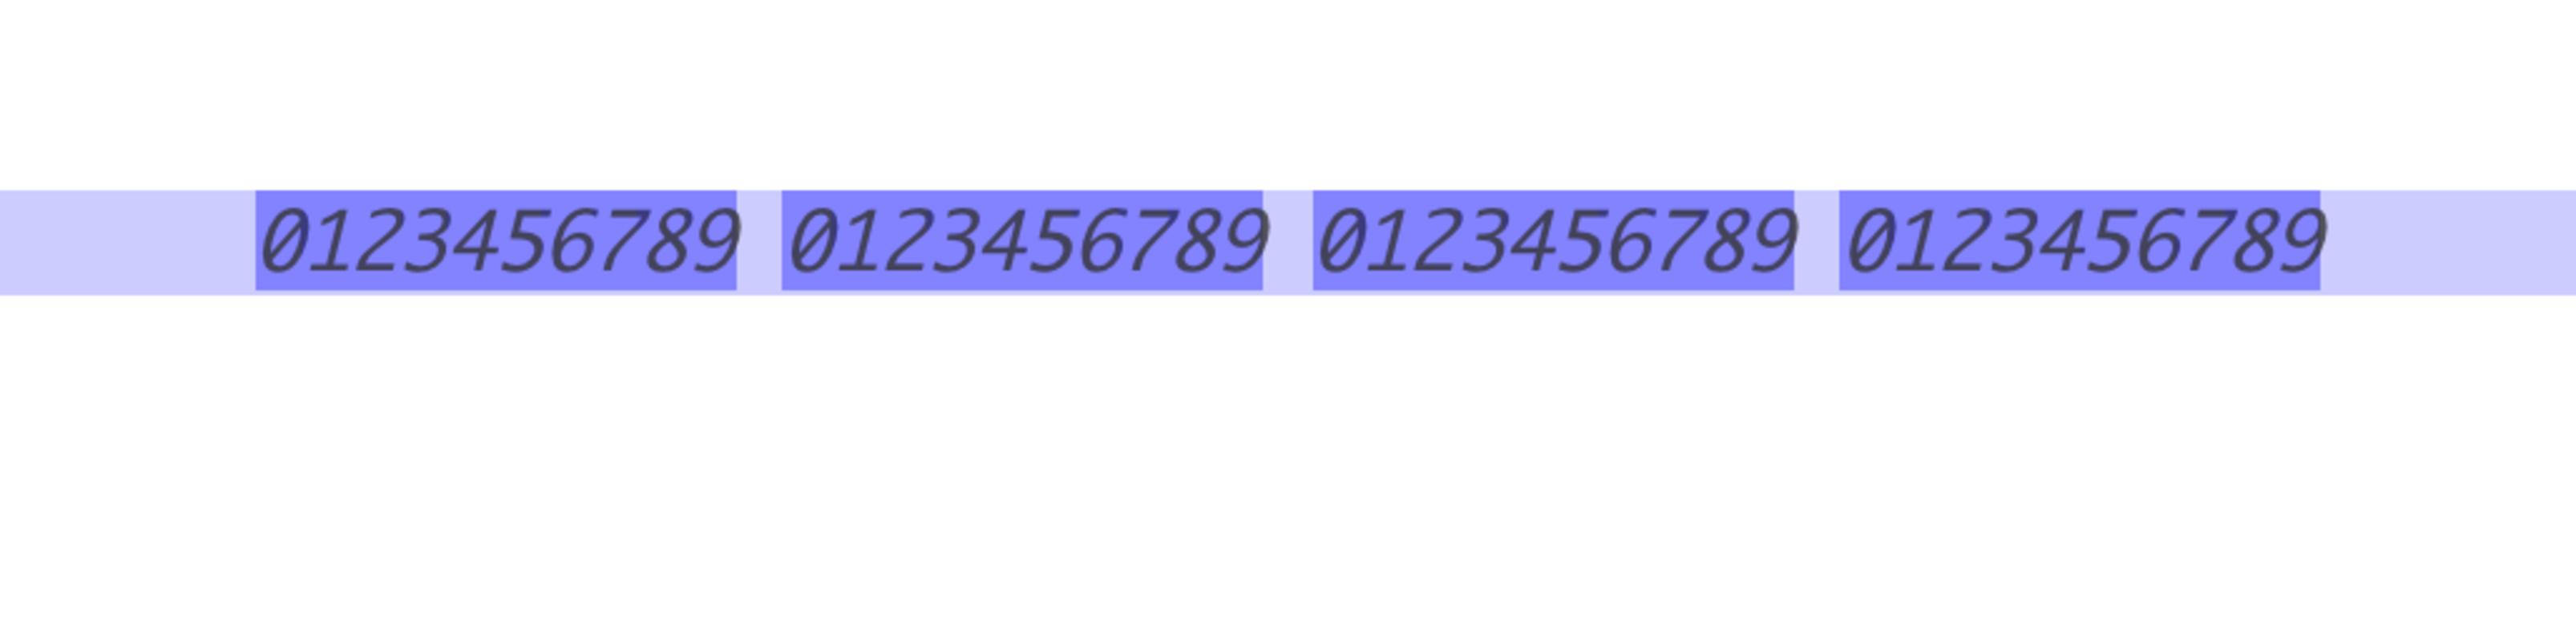 數字翻轉計數器